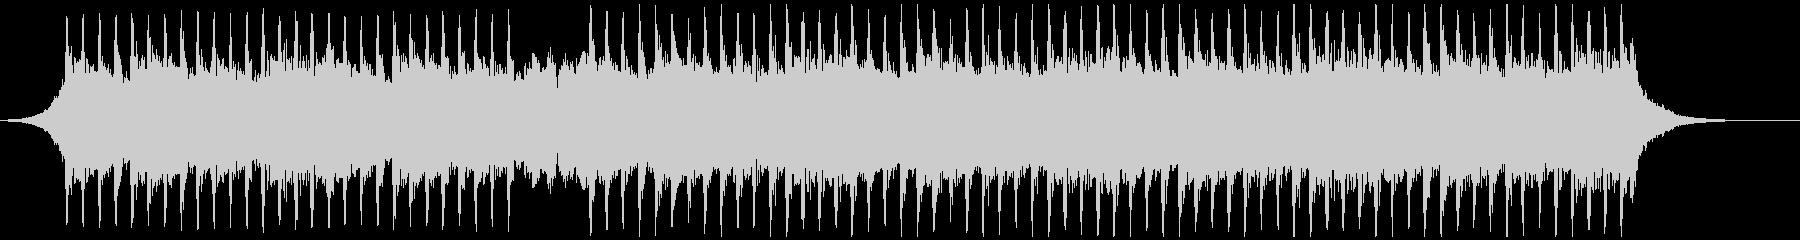 機関(60秒)の未再生の波形